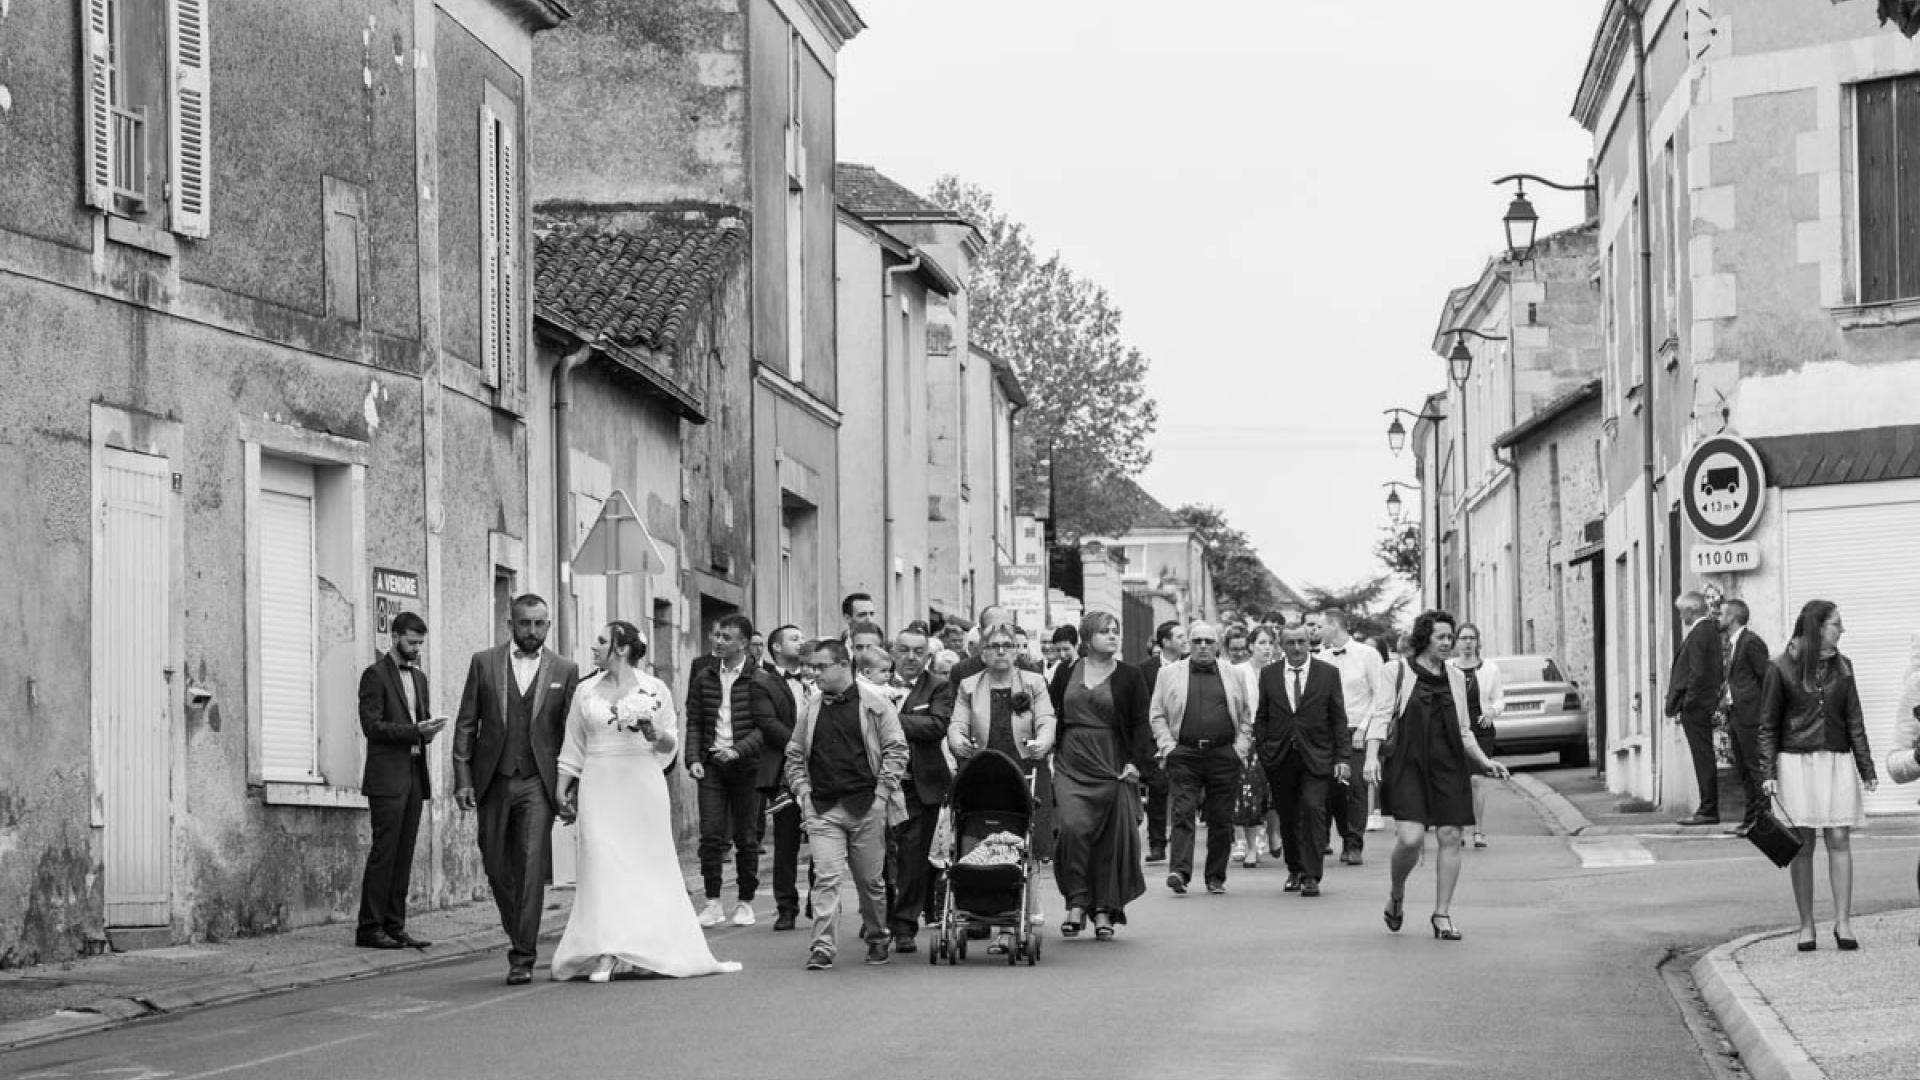 Le cortège dans les rues de Nueil-sur-Layon